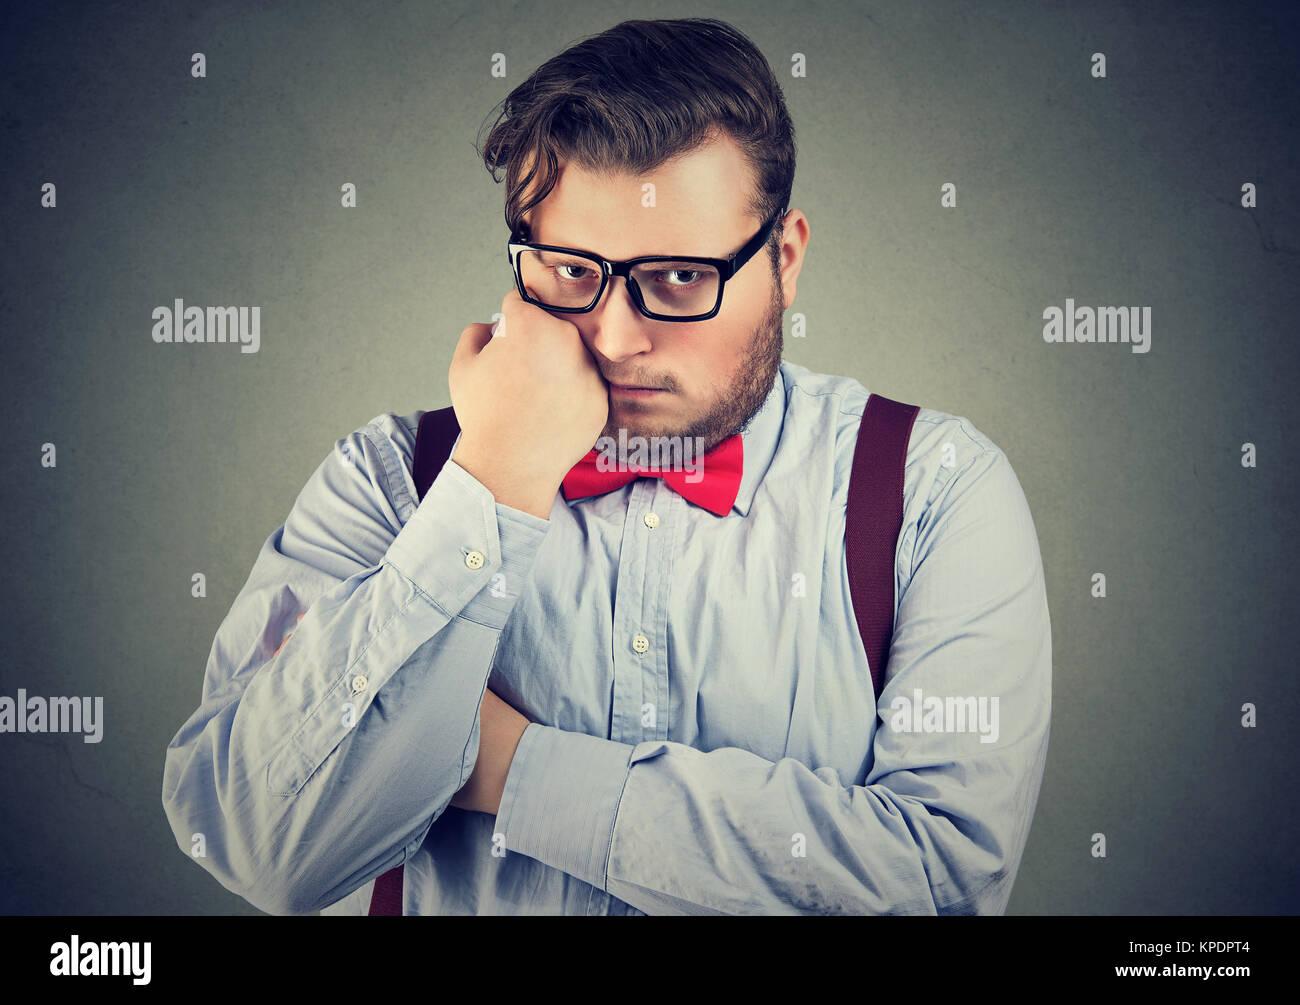 Joven hombre gordito en ropa formal buscando celoso y solitaria mirando a la cámara. Imagen De Stock